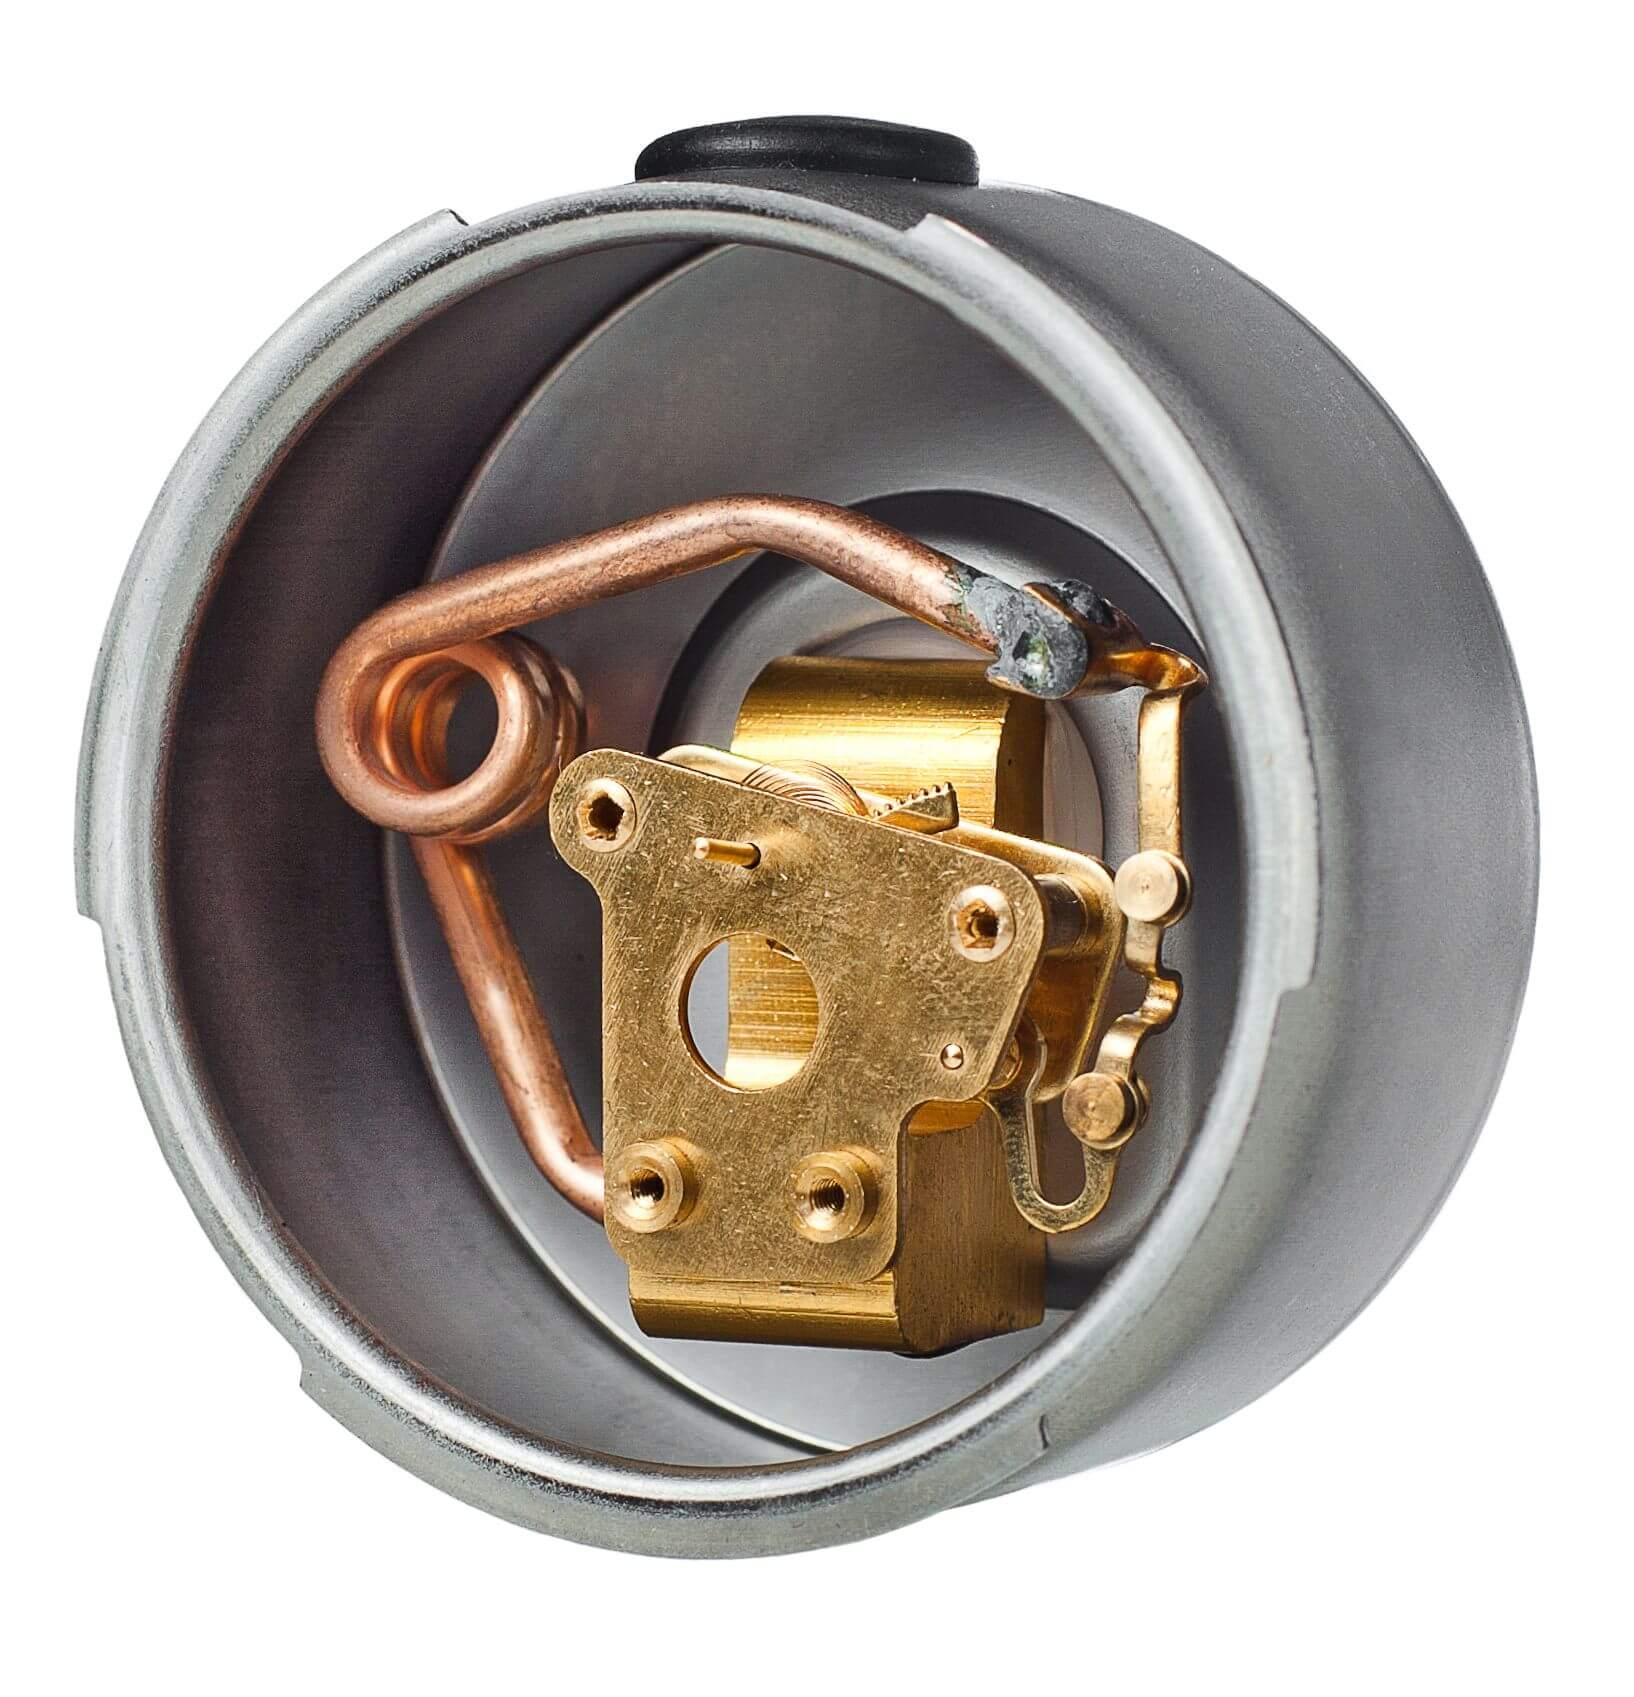 DM8008-vuf isp 1 в разборе